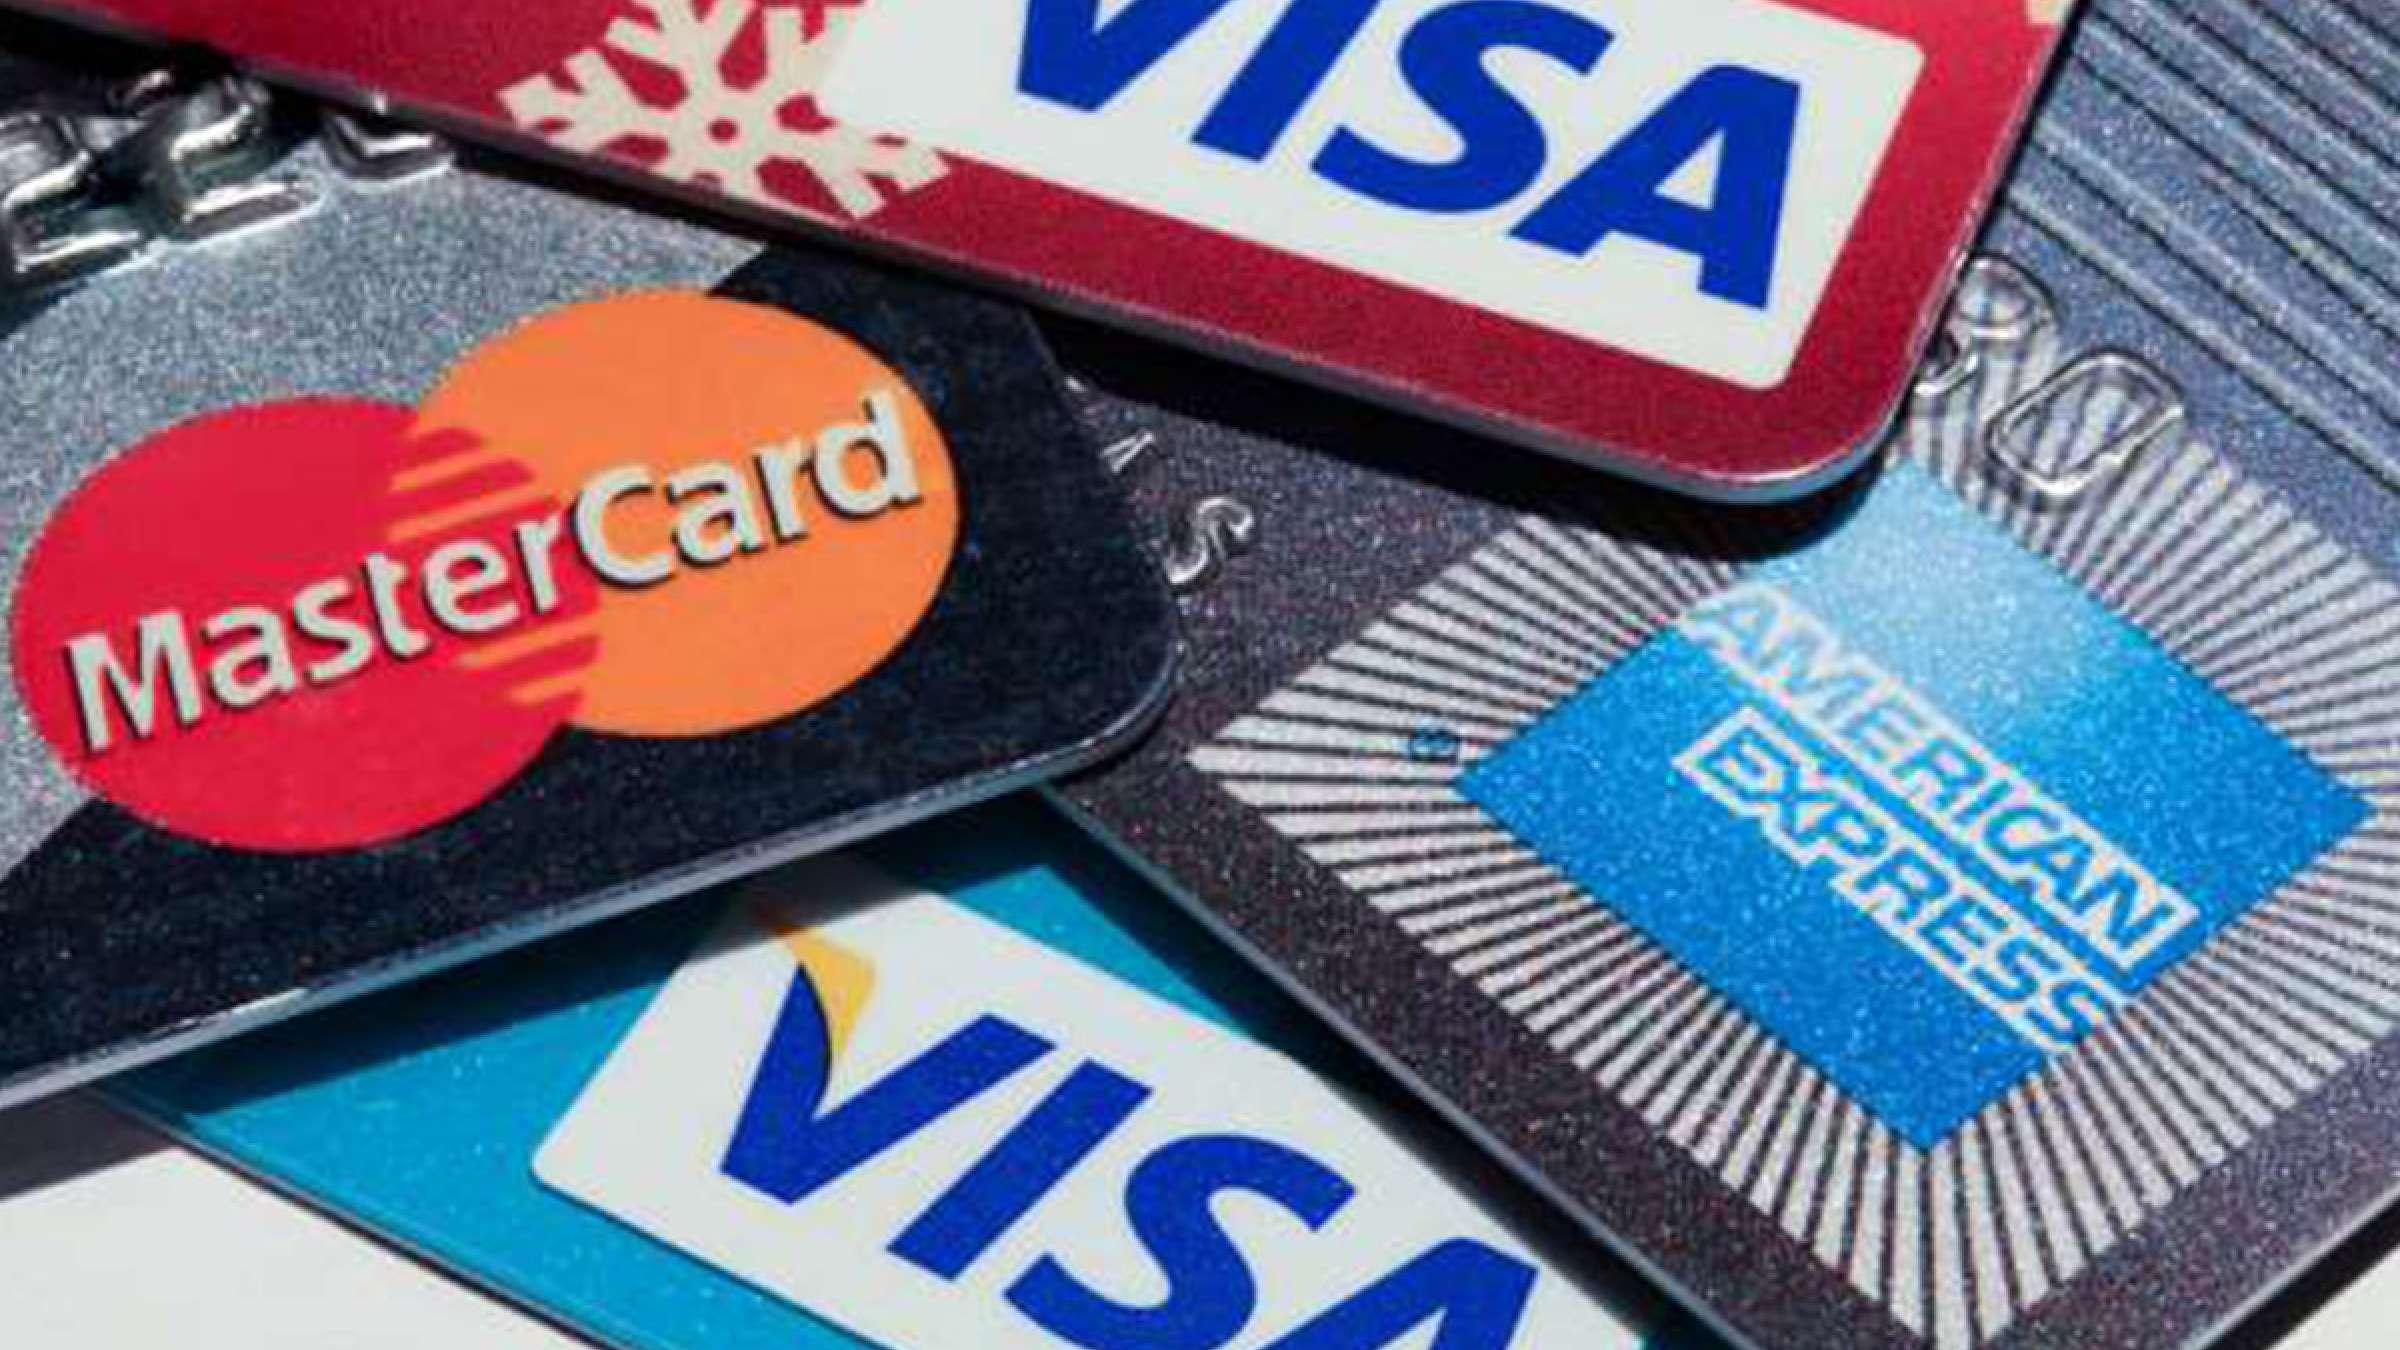 news-economy-credit-etelat